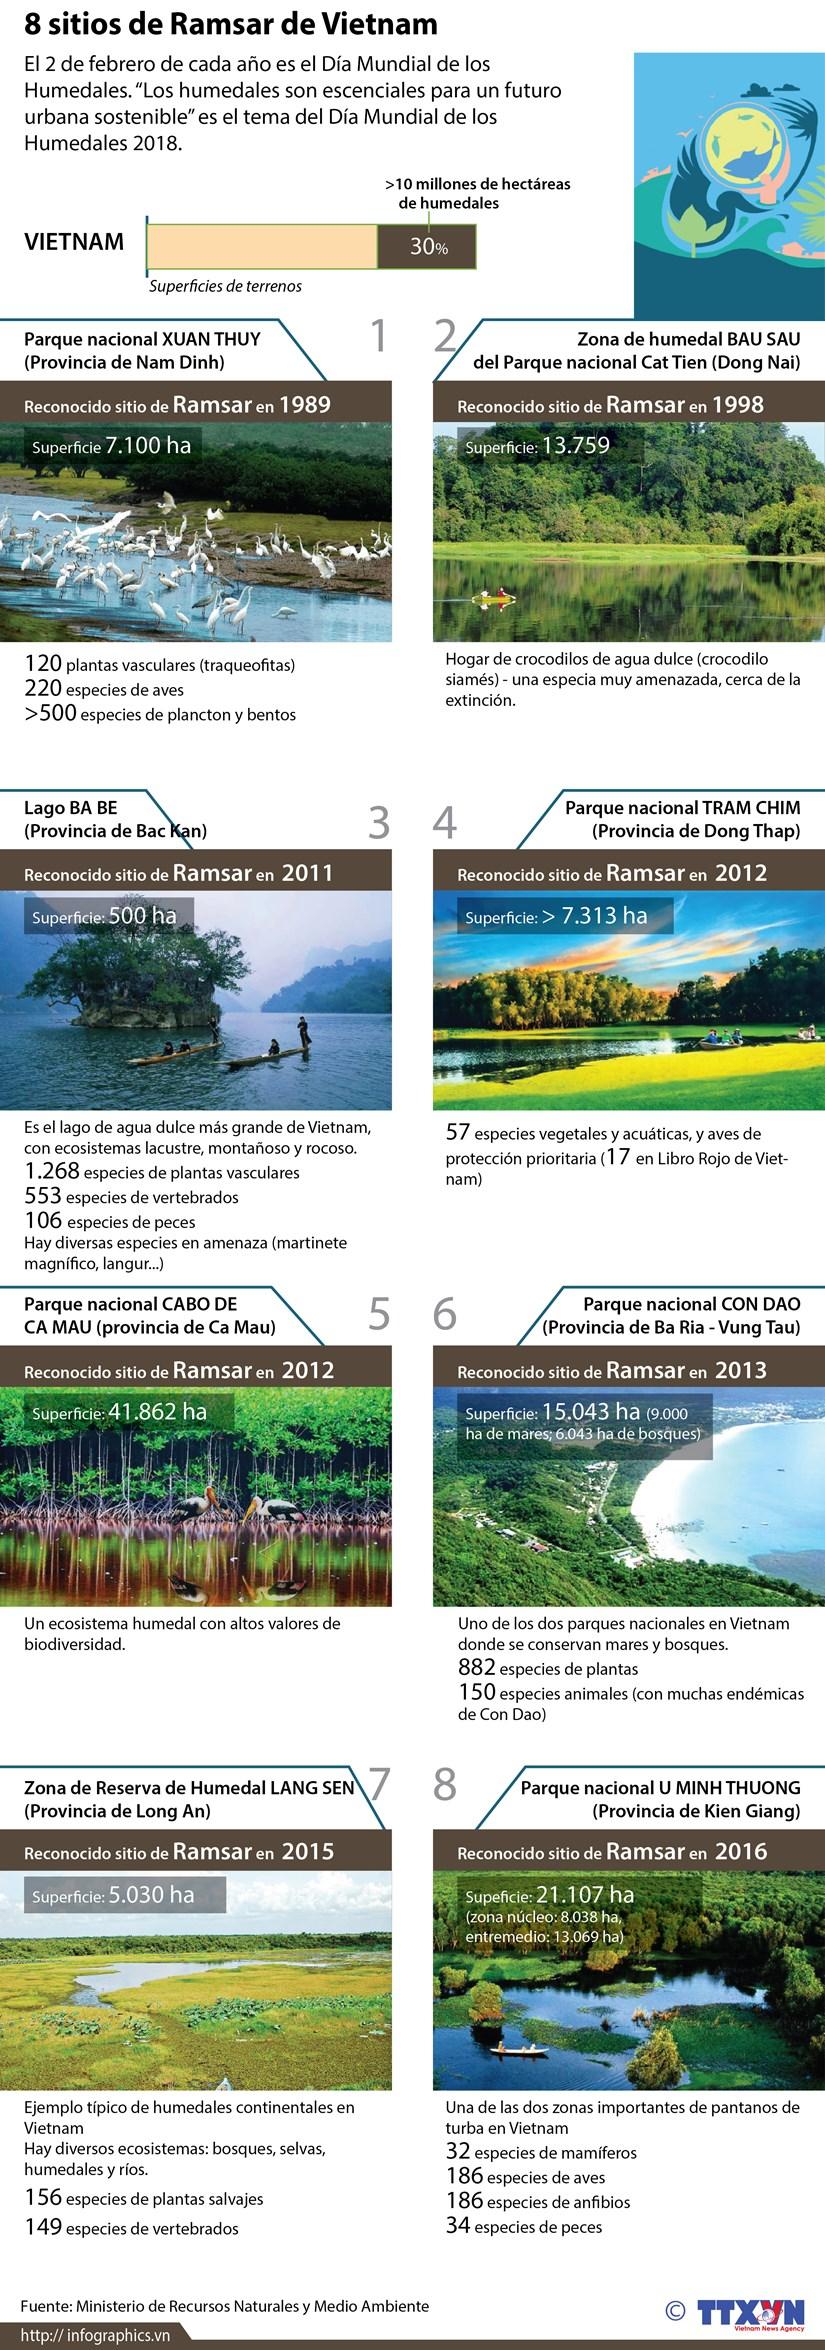 Ocho sitios de Ramsar de Vietnam hinh anh 1